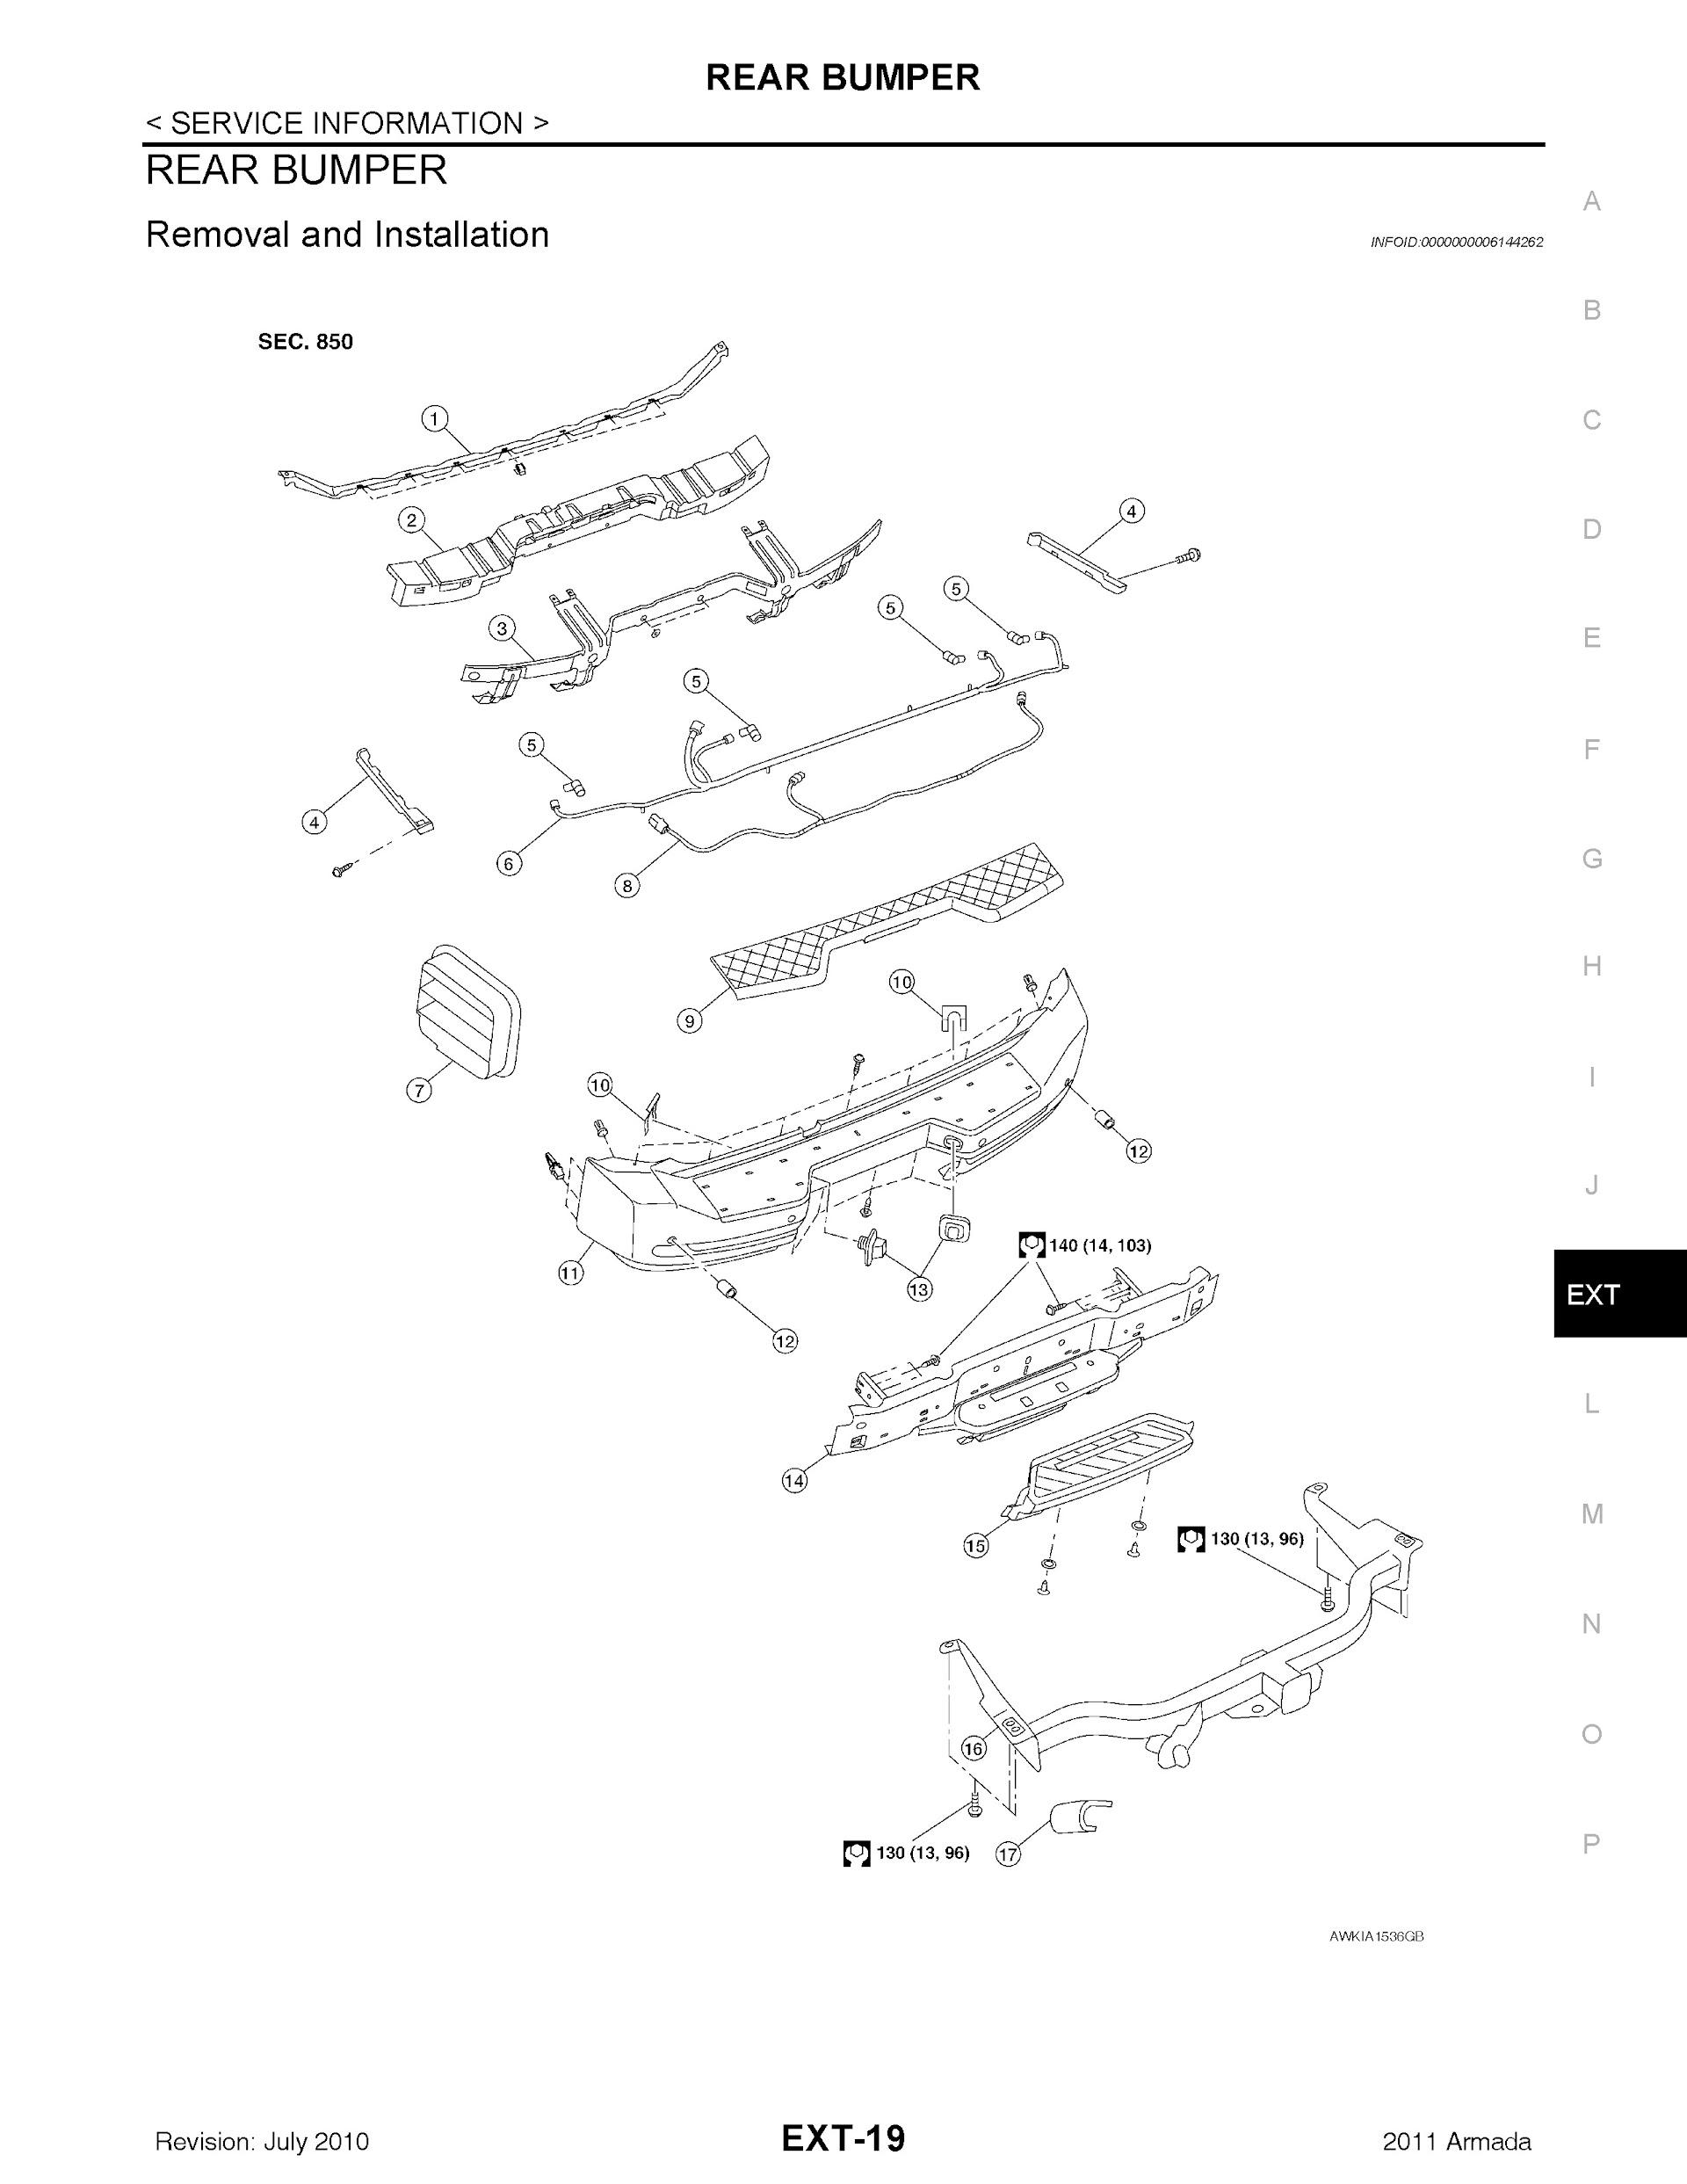 2010 nissan armada repair manual PDF